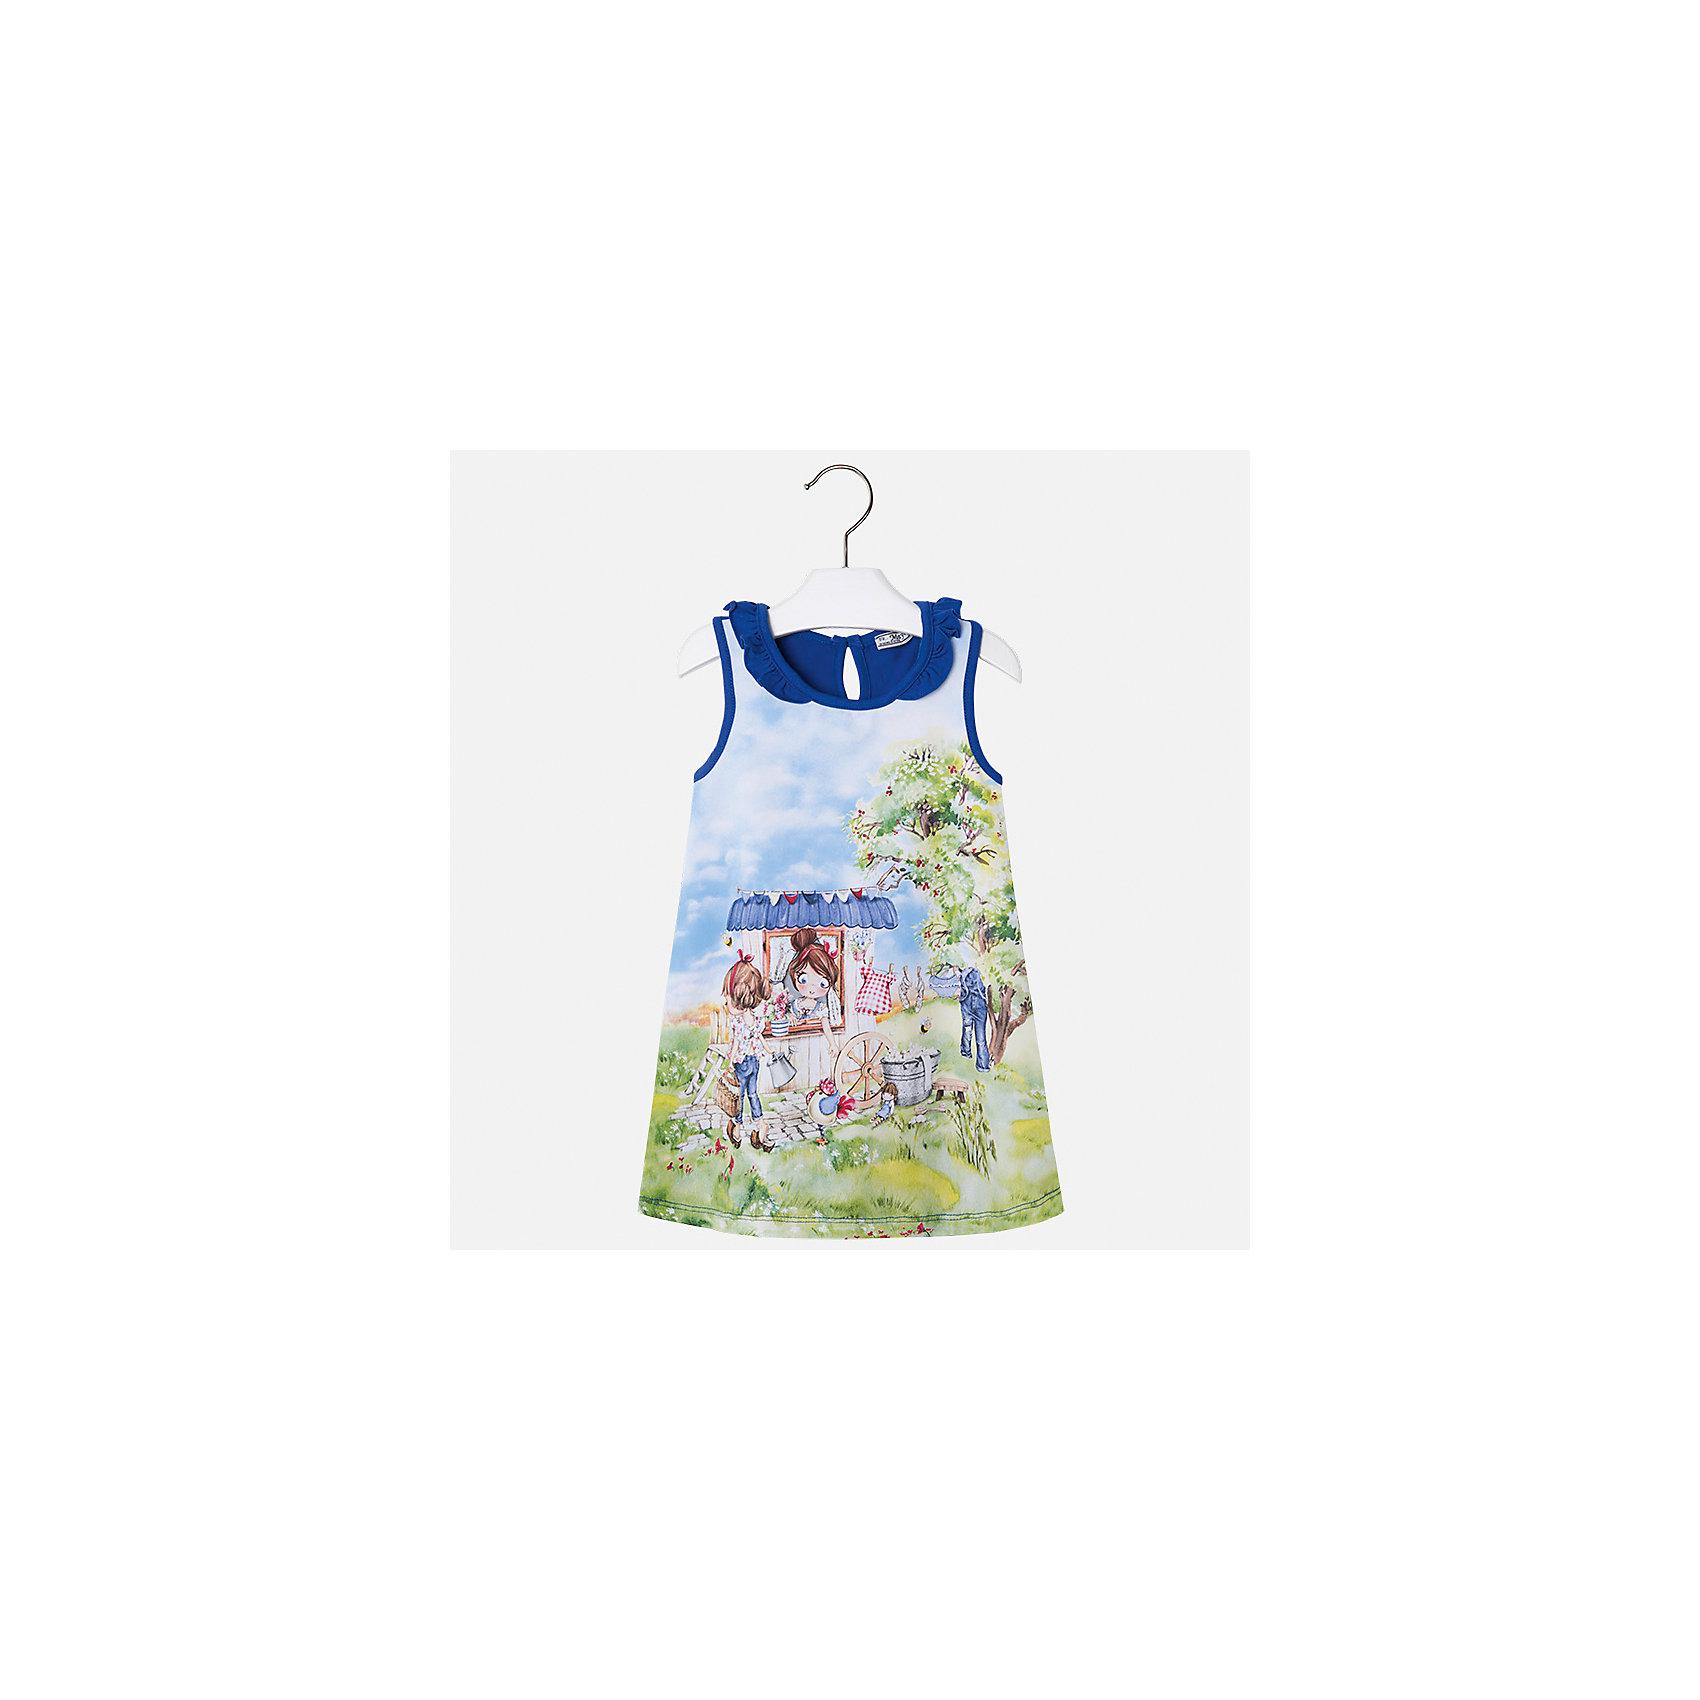 Платье для девочки MayoralПлатья и сарафаны<br>Характеристики товара:<br><br>• цвет: синий<br>• состав: 95% хлопок, 5% эластан<br>• застежка: пуговица<br>• комбинированный материал<br>• без рукавов<br>• декорировано принтом<br>• страна бренда: Испания<br><br>Стильное платье для девочки поможет разнообразить гардероб ребенка и создать эффектный наряд. Оно подойдет для различных случаев. Красивый оттенок позволяет подобрать к вещи обувь разных расцветок. Платье хорошо сидит по фигуре. В составе материала - натуральный хлопок, гипоаллергенный, приятный на ощупь, дышащий.<br><br>Одежда, обувь и аксессуары от испанского бренда Mayoral полюбились детям и взрослым по всему миру. Модели этой марки - стильные и удобные. Для их производства используются только безопасные, качественные материалы и фурнитура. Порадуйте ребенка модными и красивыми вещами от Mayoral! <br><br>Платье для девочки от испанского бренда Mayoral (Майорал) можно купить в нашем интернет-магазине.<br><br>Ширина мм: 236<br>Глубина мм: 16<br>Высота мм: 184<br>Вес г: 177<br>Цвет: синий<br>Возраст от месяцев: 96<br>Возраст до месяцев: 108<br>Пол: Женский<br>Возраст: Детский<br>Размер: 134,92,98,104,110,116,122,128<br>SKU: 5300672